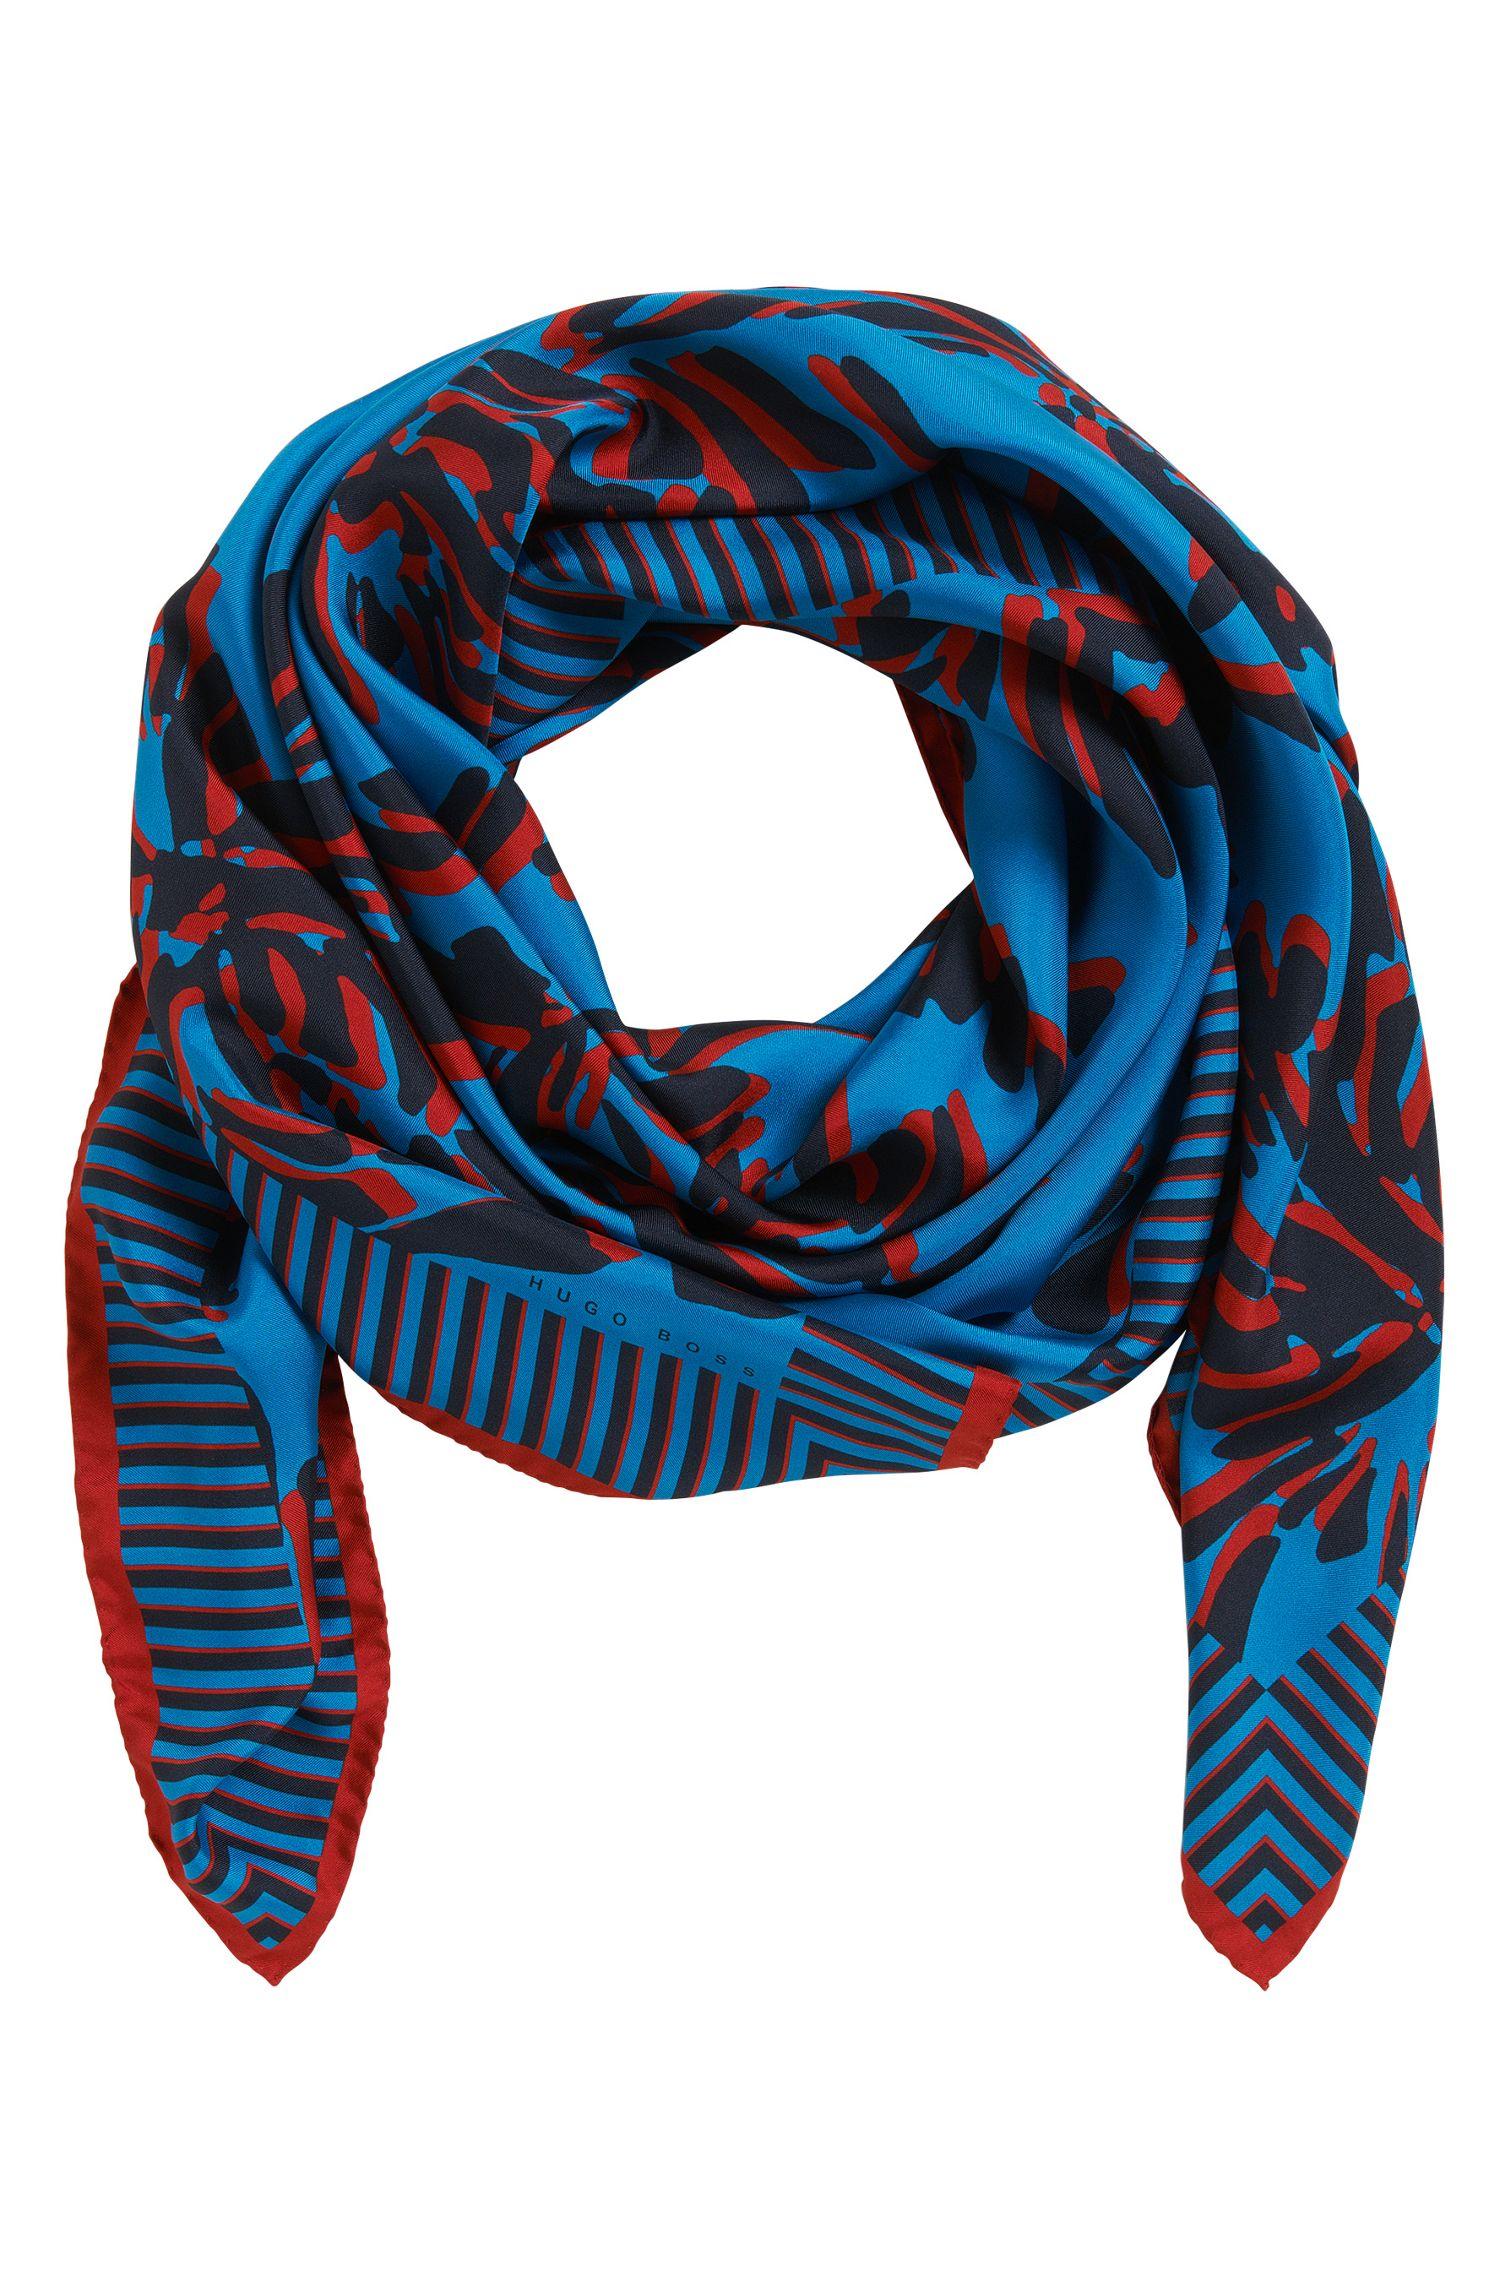 Tuch aus Seide mit Muster. 'Lalexa'